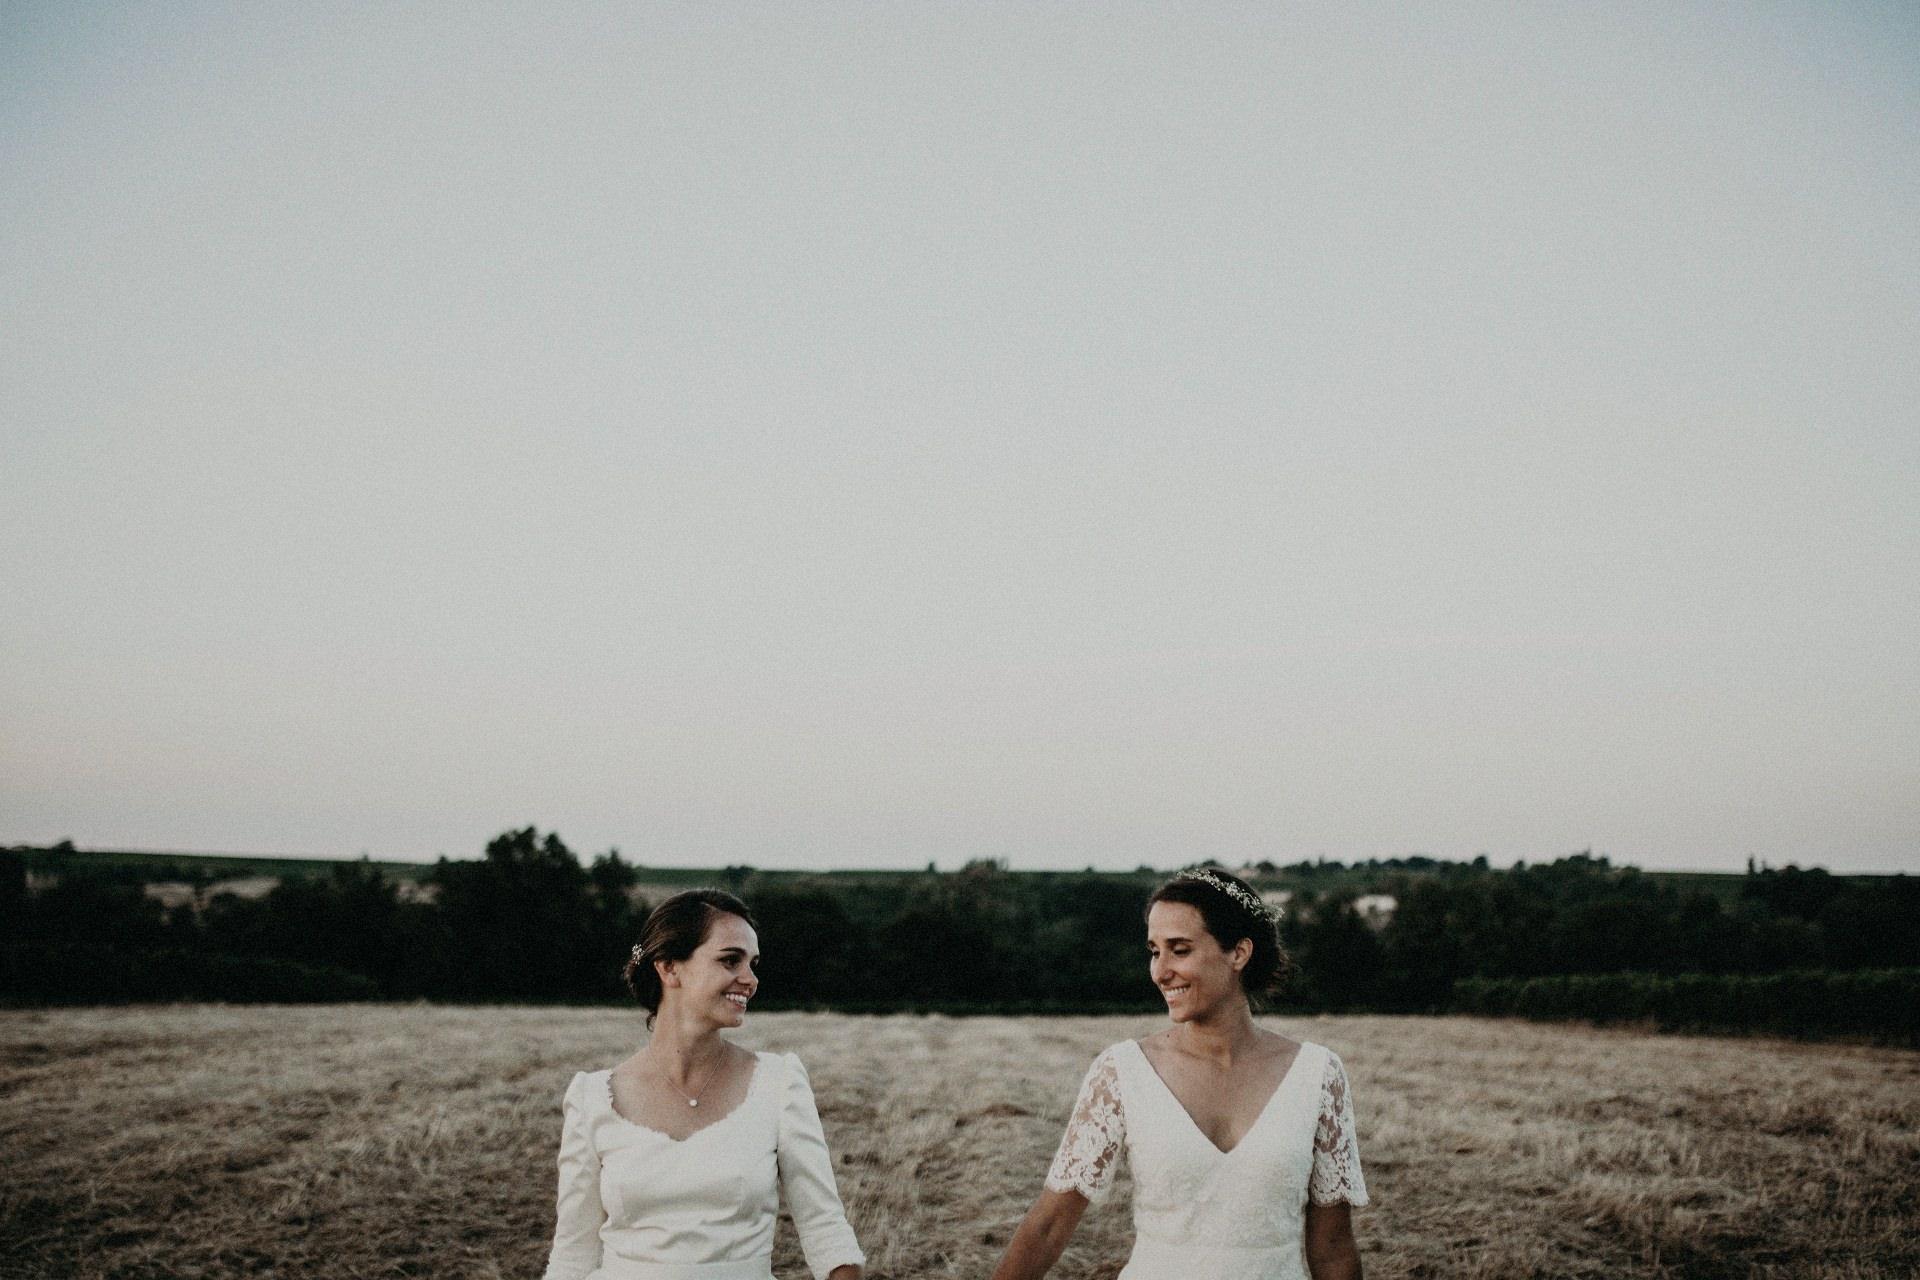 photographe-mariage-bordeaux-61.jpg